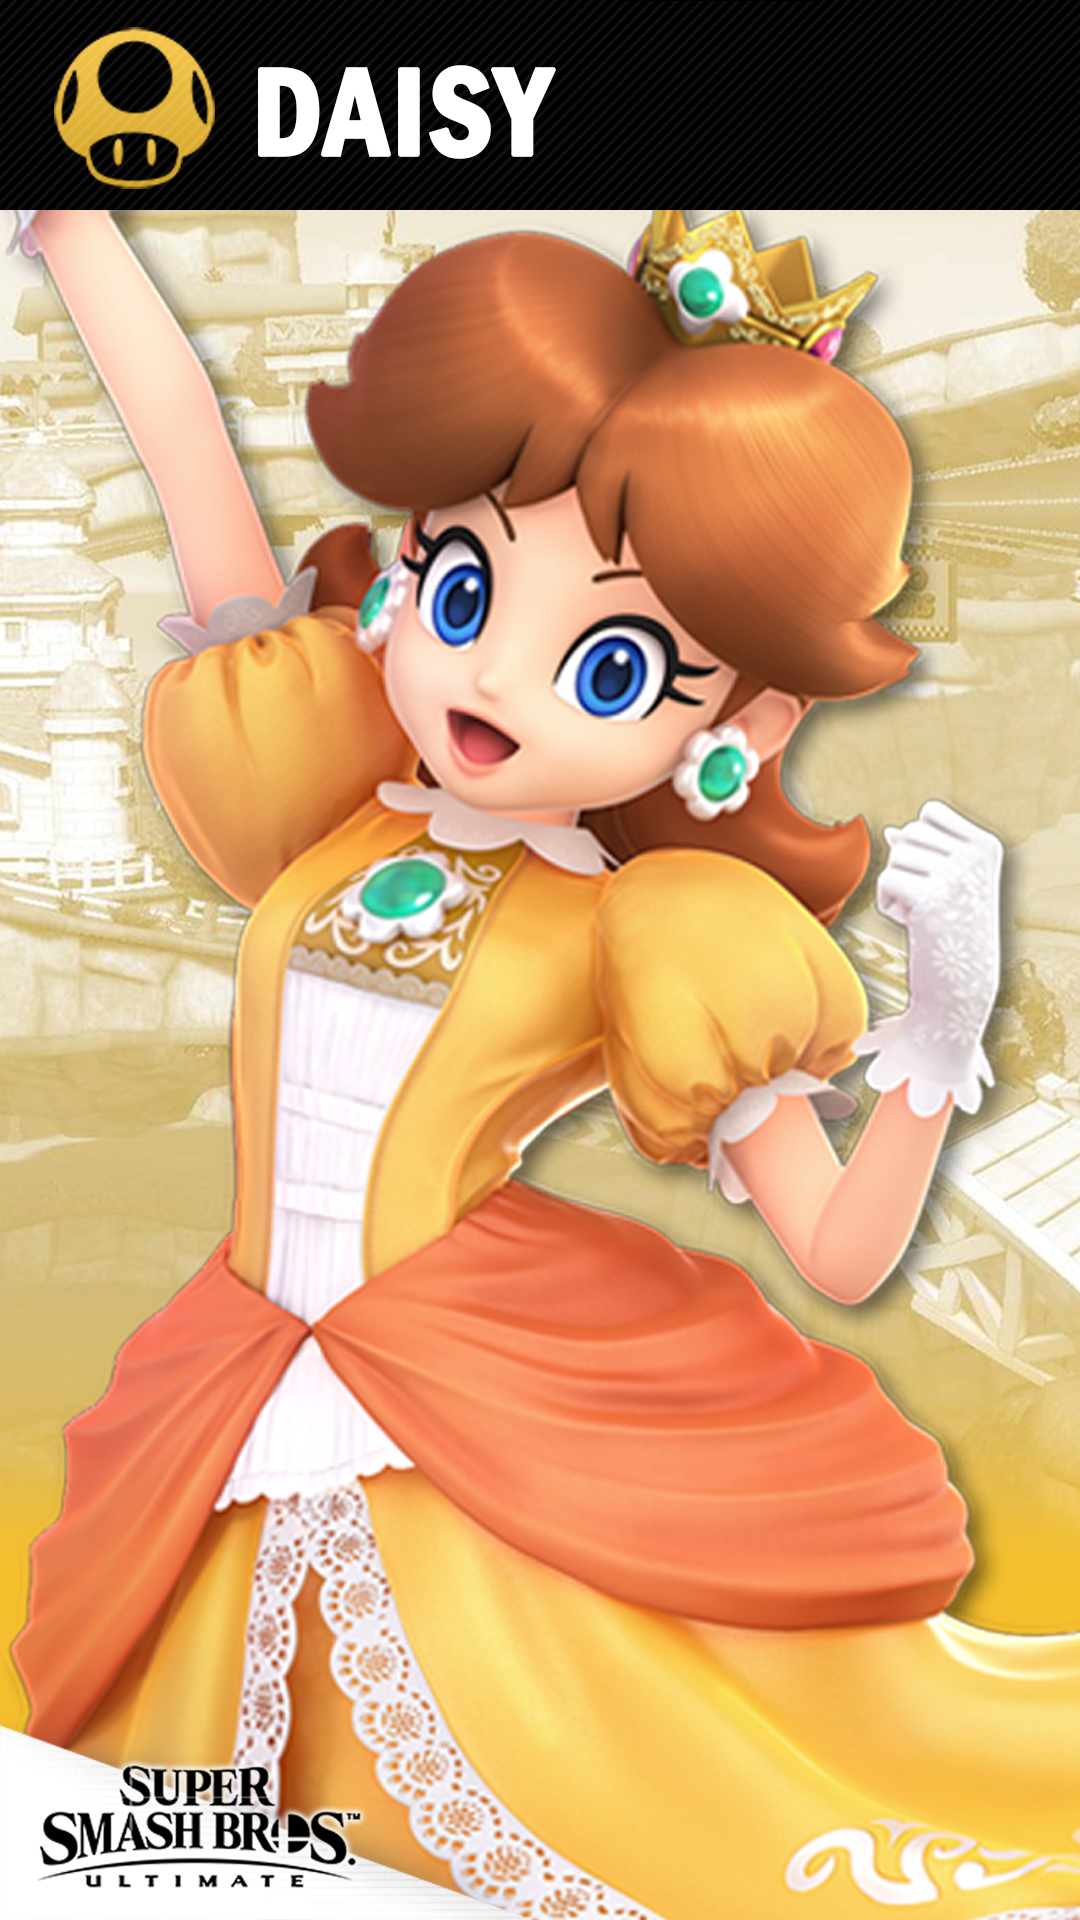 Super Smash Bros Ultimate Daisy - HD Wallpaper